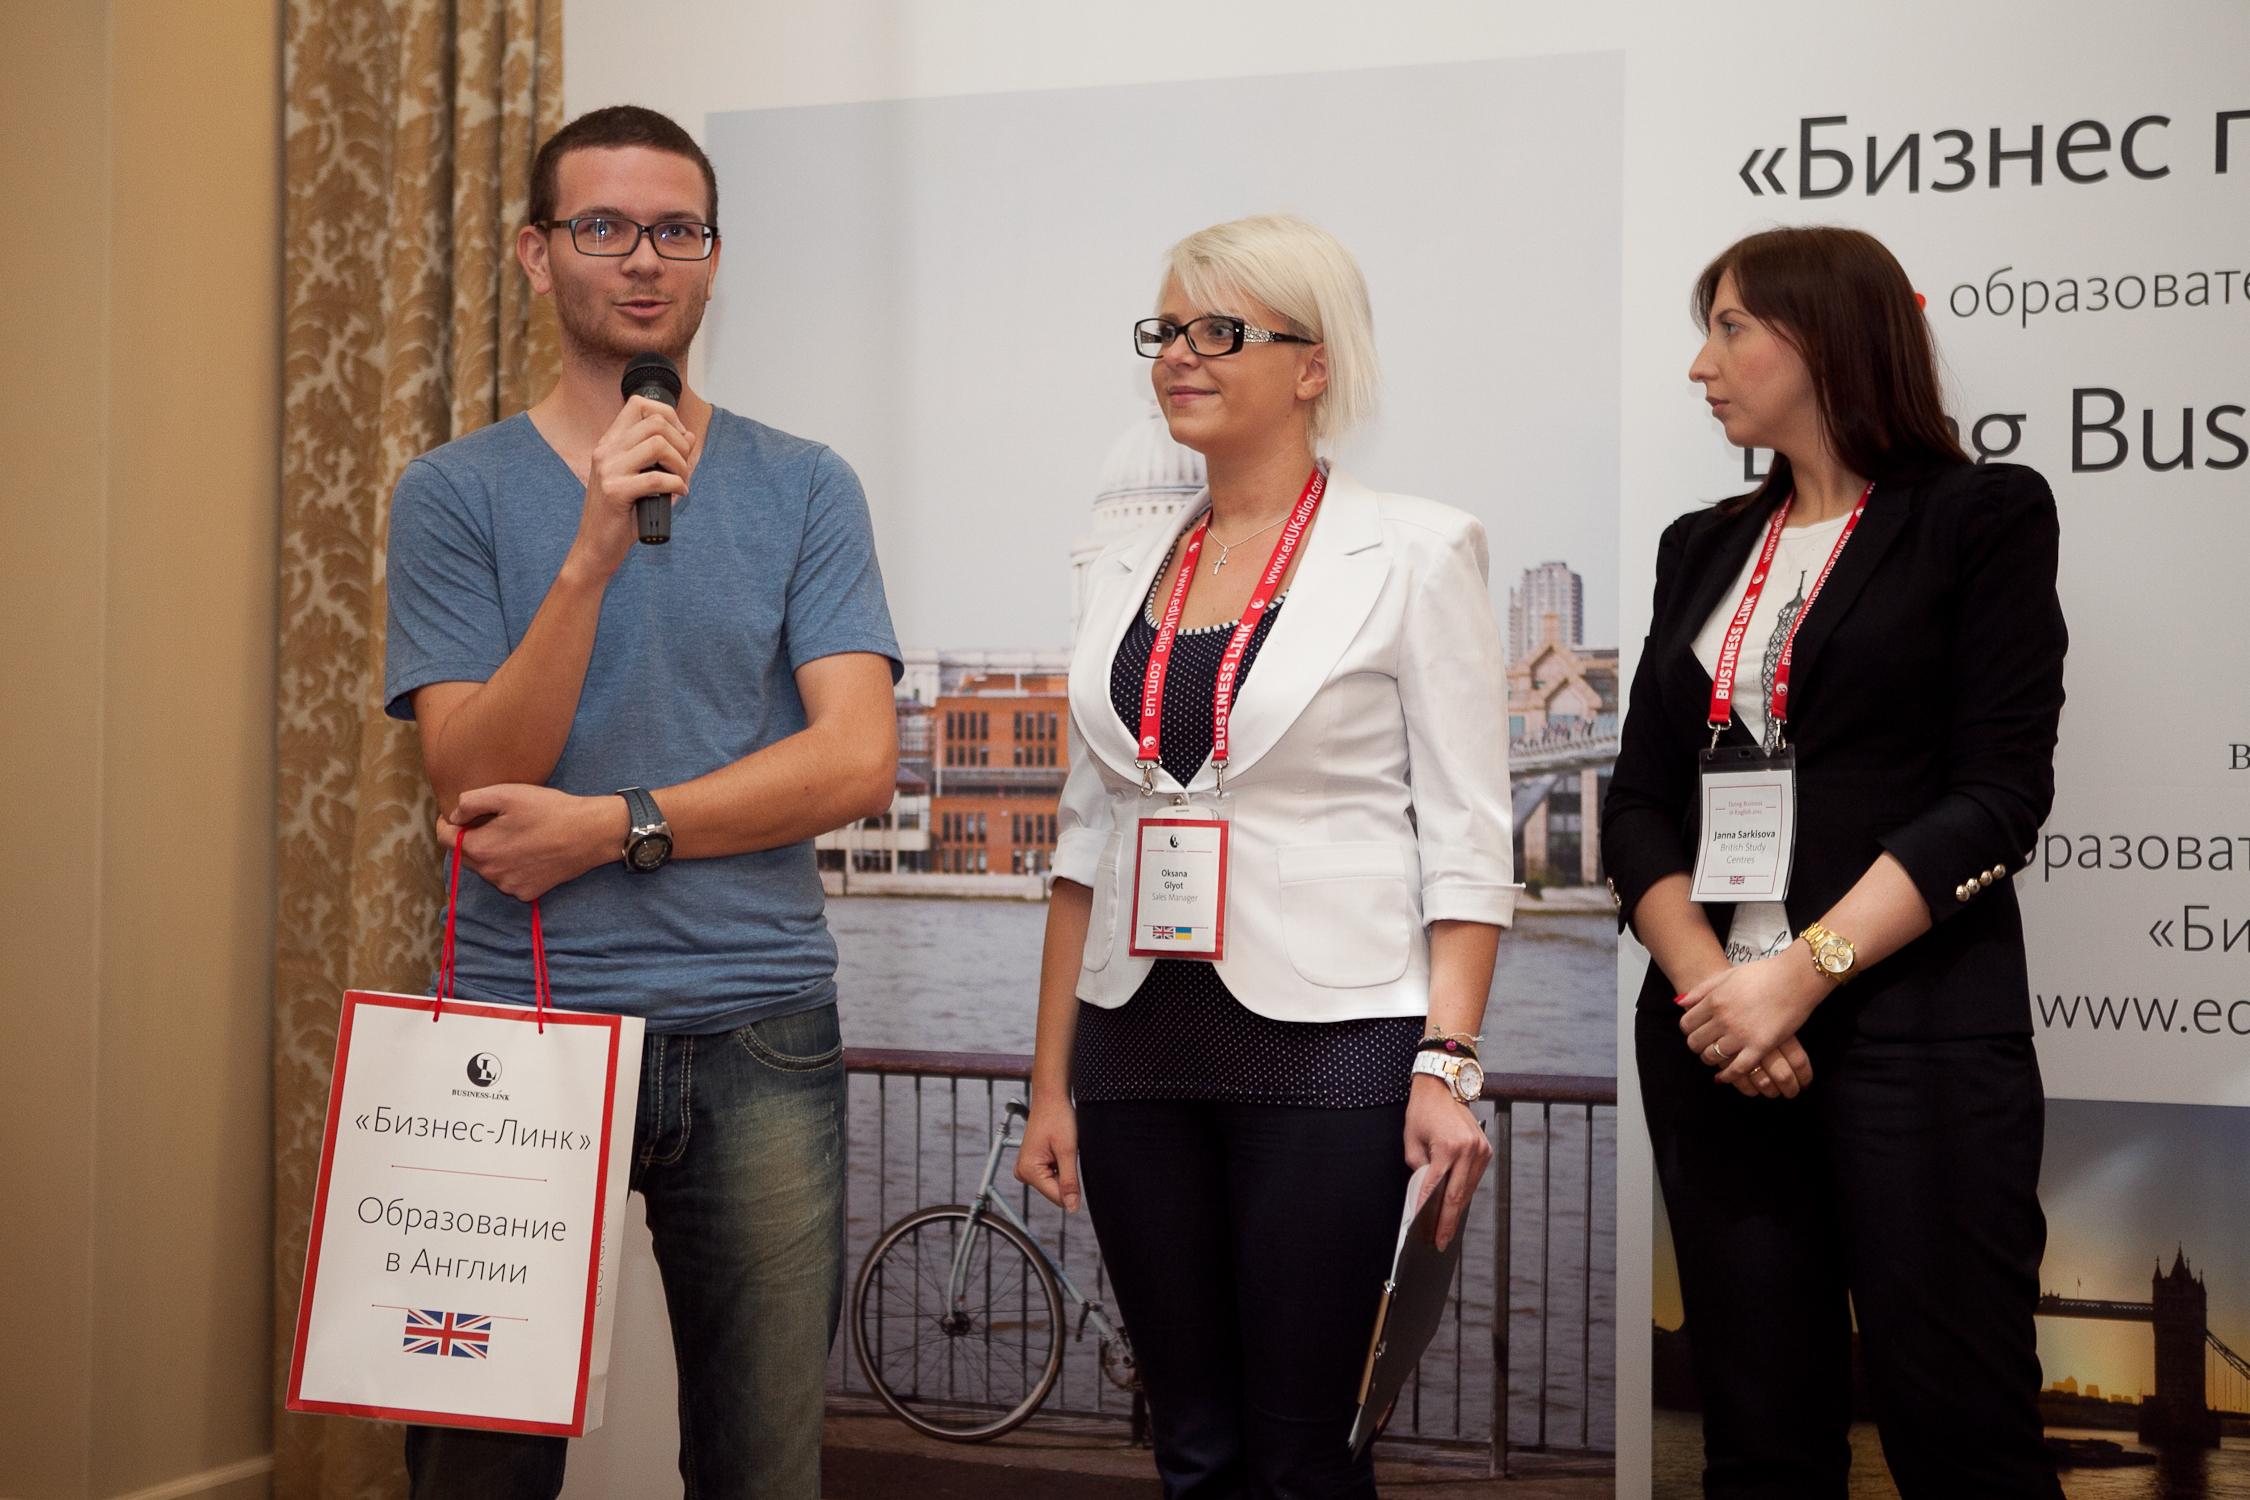 Я на выставке «Бизнес по-английски» (крайний слева)